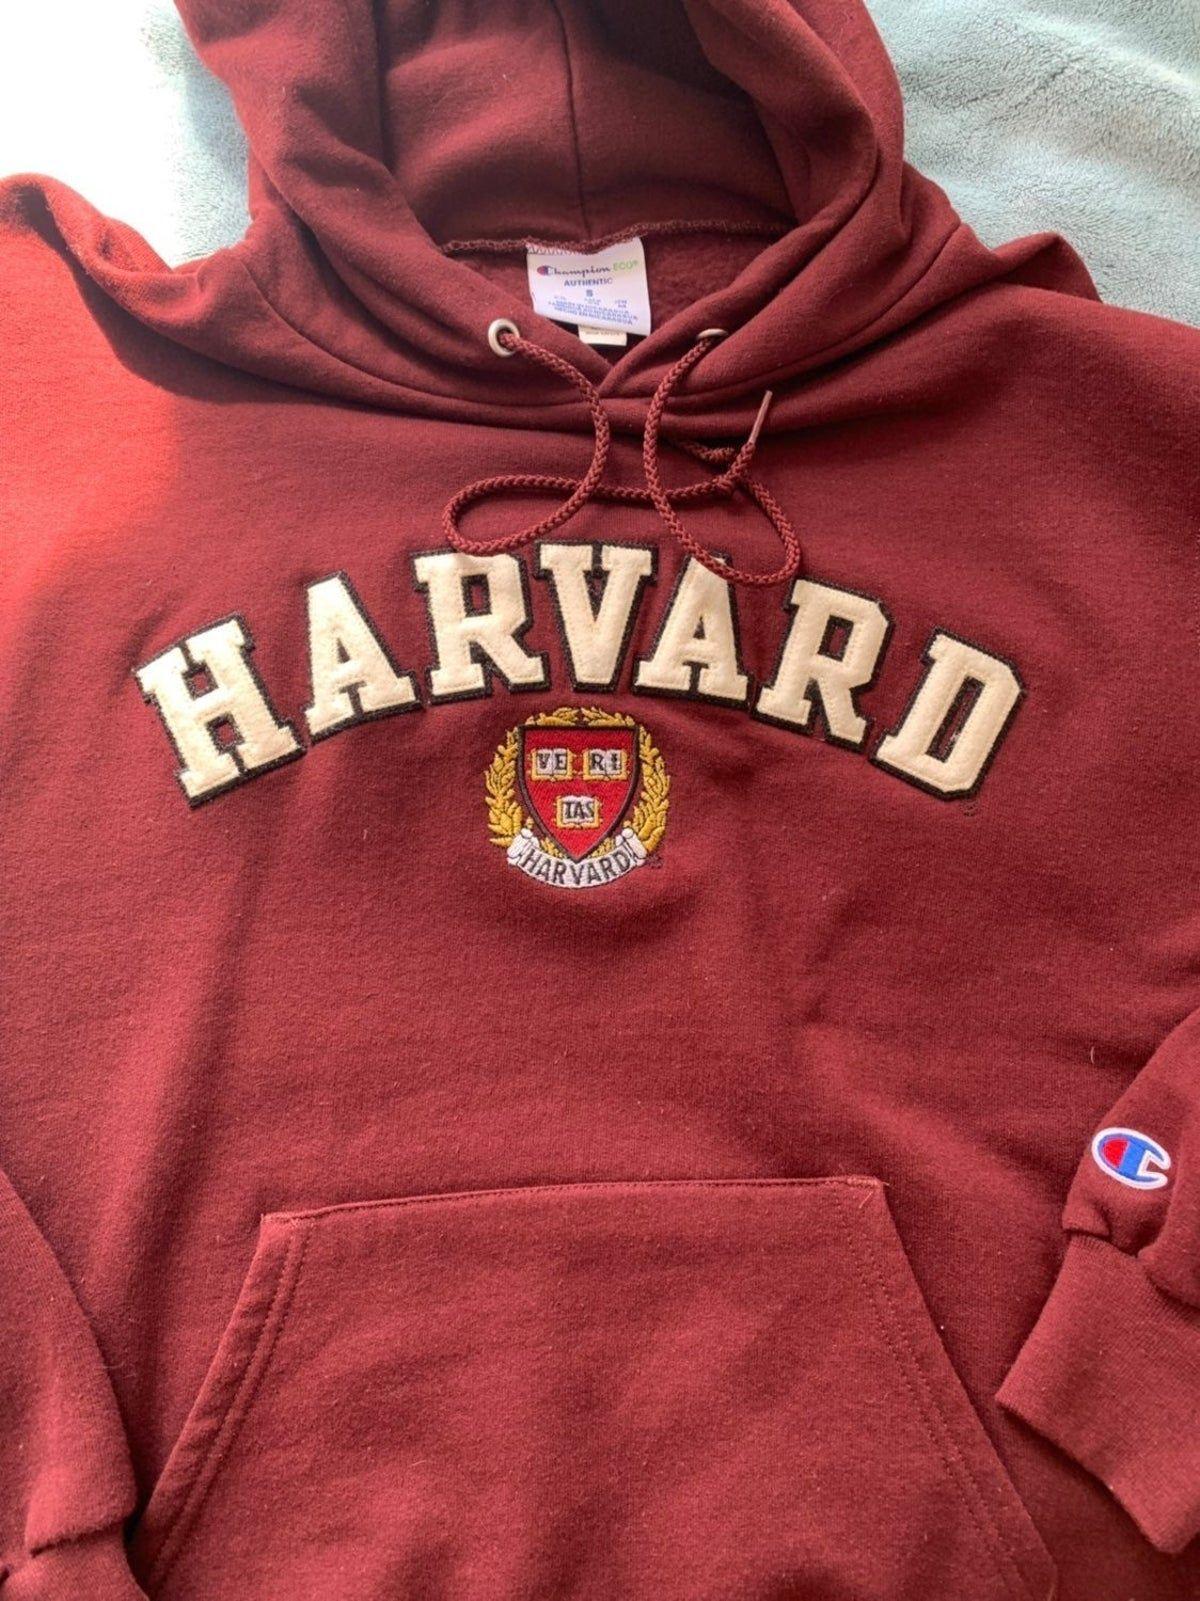 Pin By Nova Teodovici On Good Stuff Vintage College Sweatshirts College Sweatshirts Hoodie Harvard Hoodie [ 1601 x 1200 Pixel ]